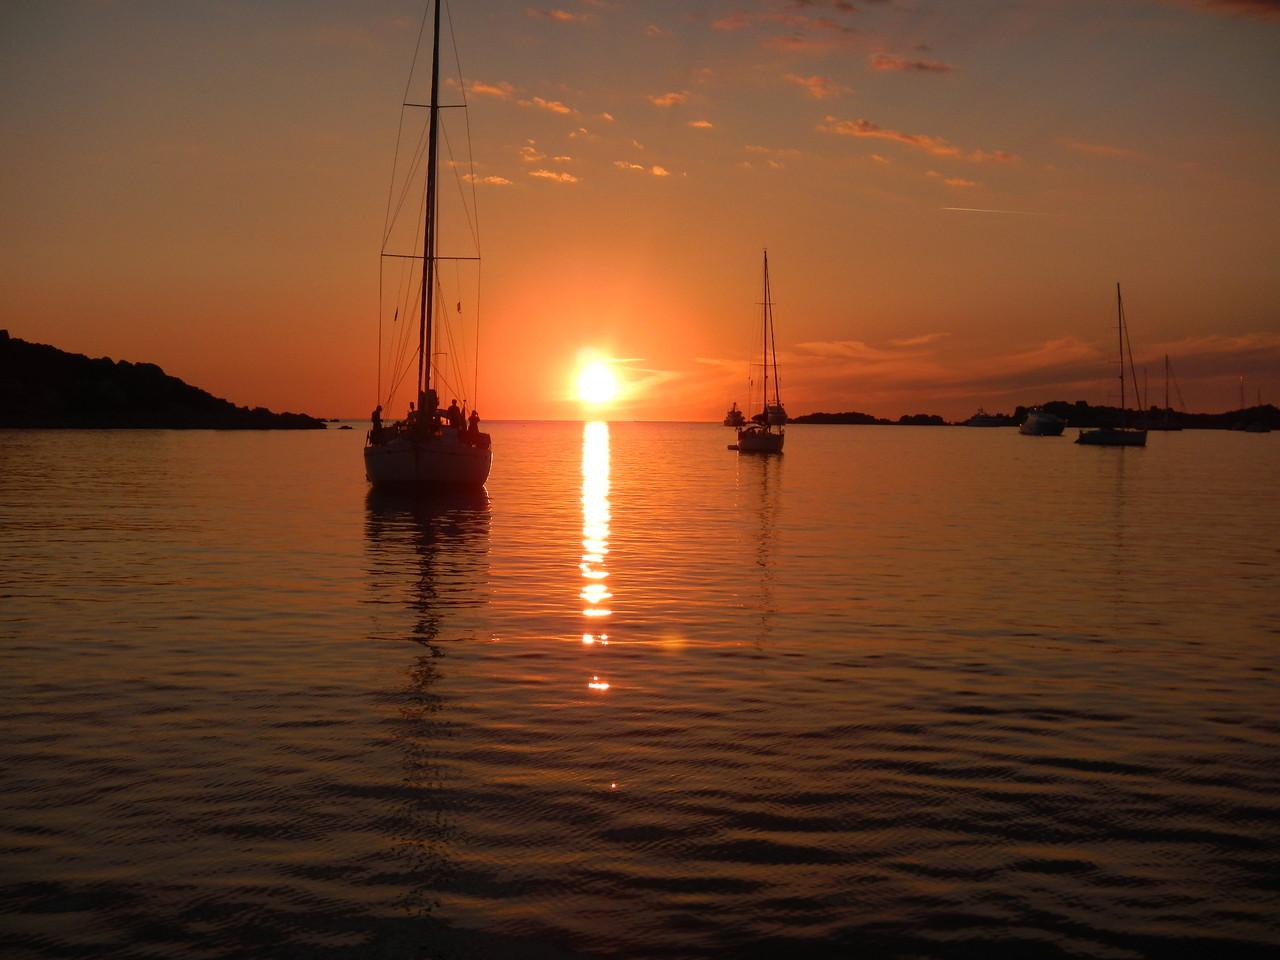 Sonnenuntergang im Inseldreieck, das Maddalena Archipel romantischer Segeltörn.